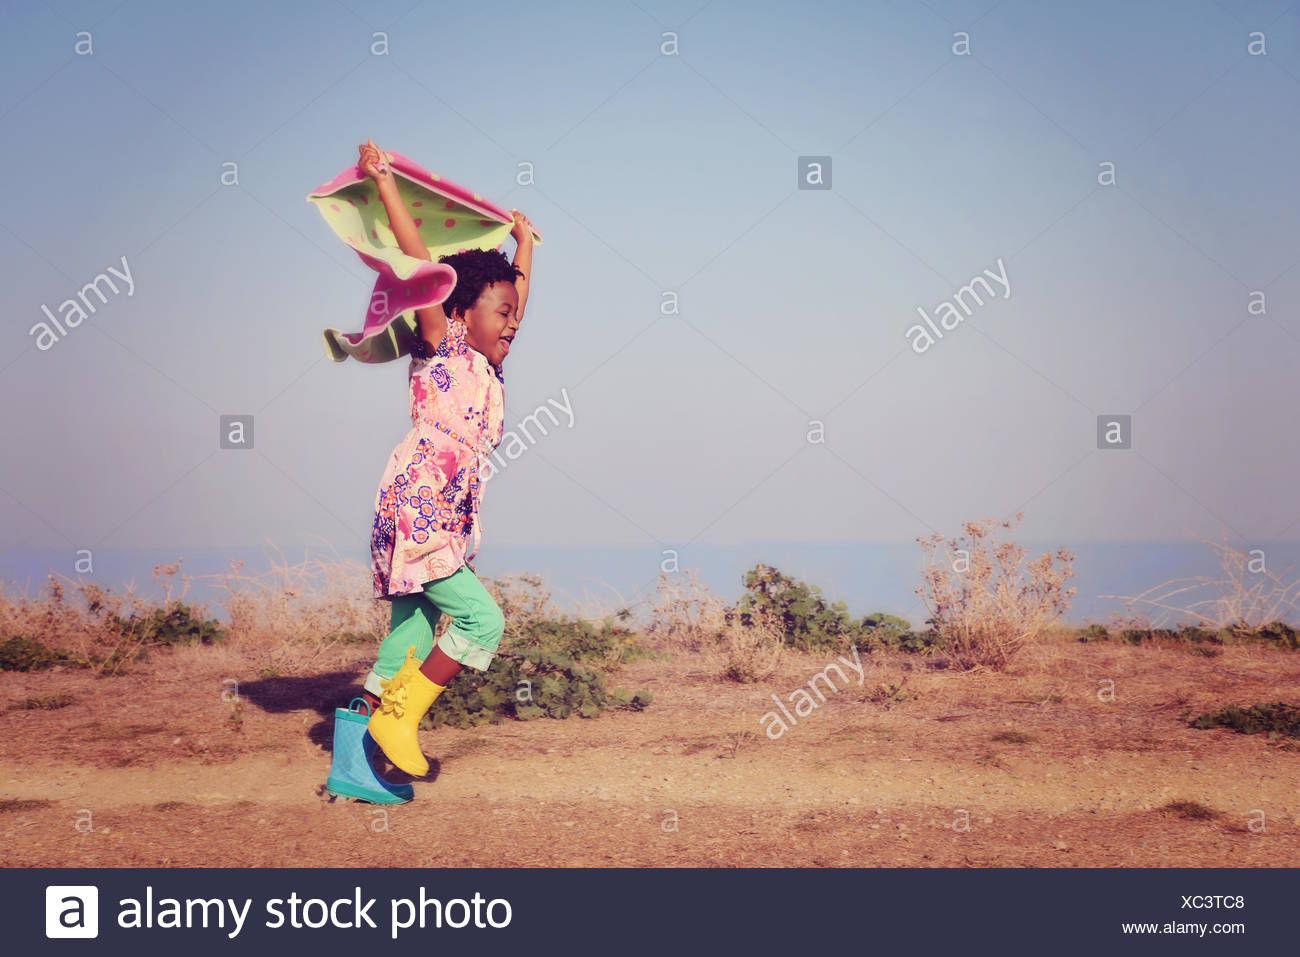 Mädchen laufen halten Schal über dem Kopf Stockbild